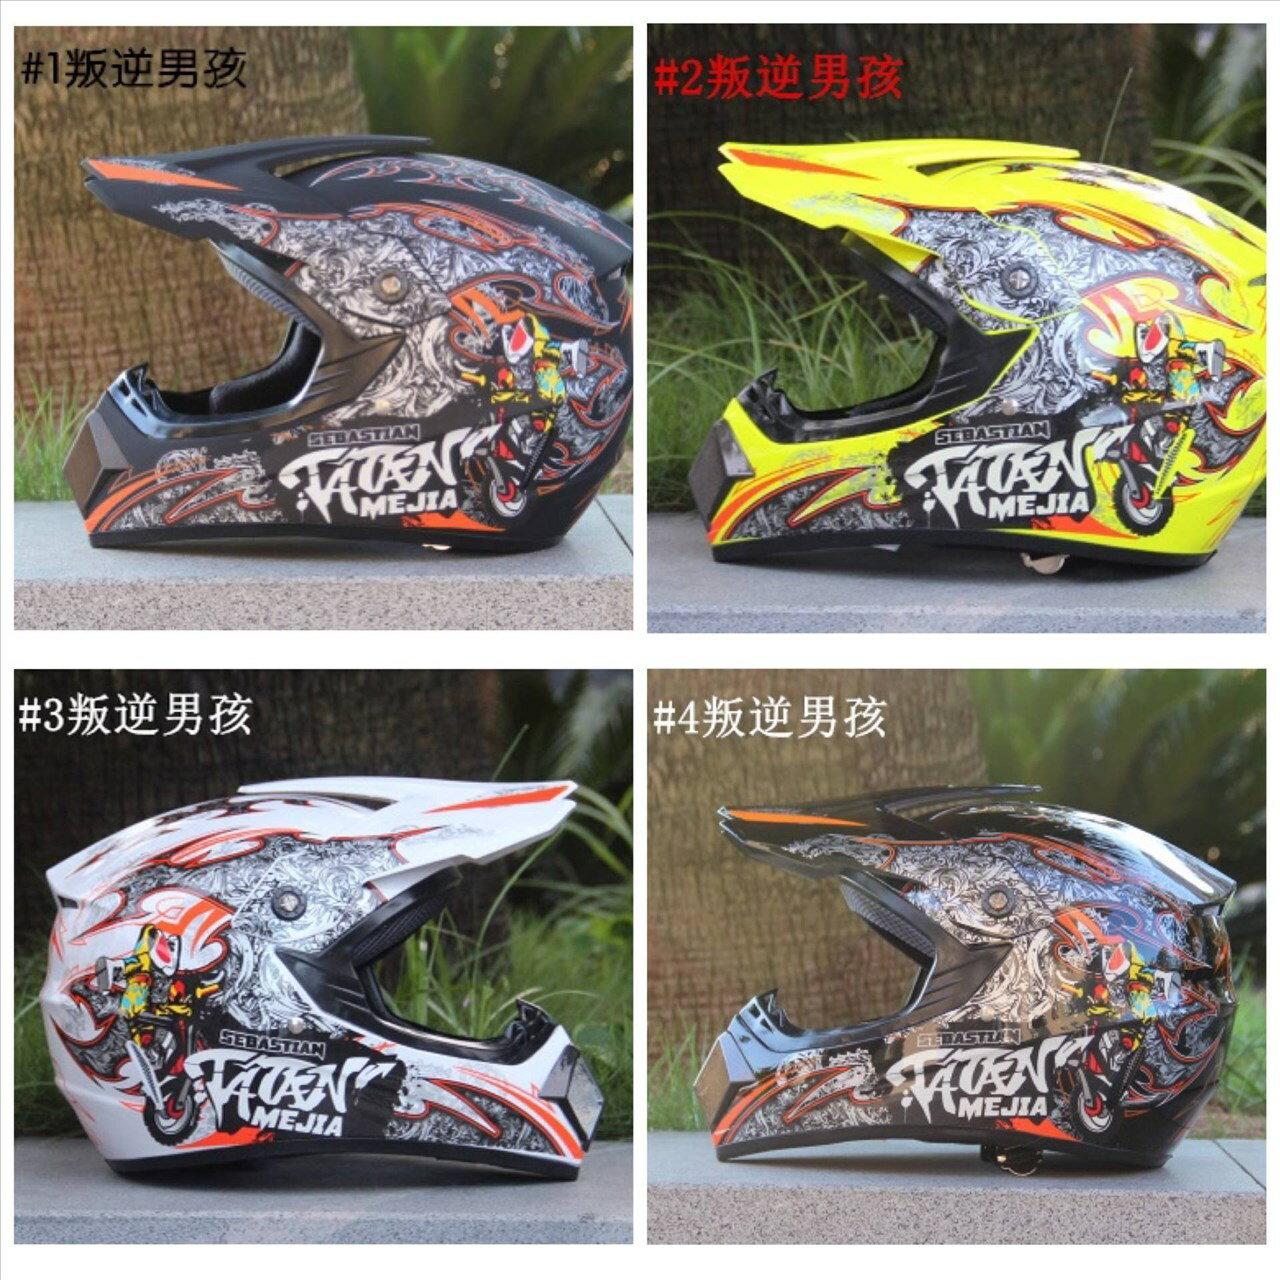 天行者GP 賽車 安全帽 越野 騎士 機車 賽車 全罩式 安全帽 頭盔 贈防風面罩價值500